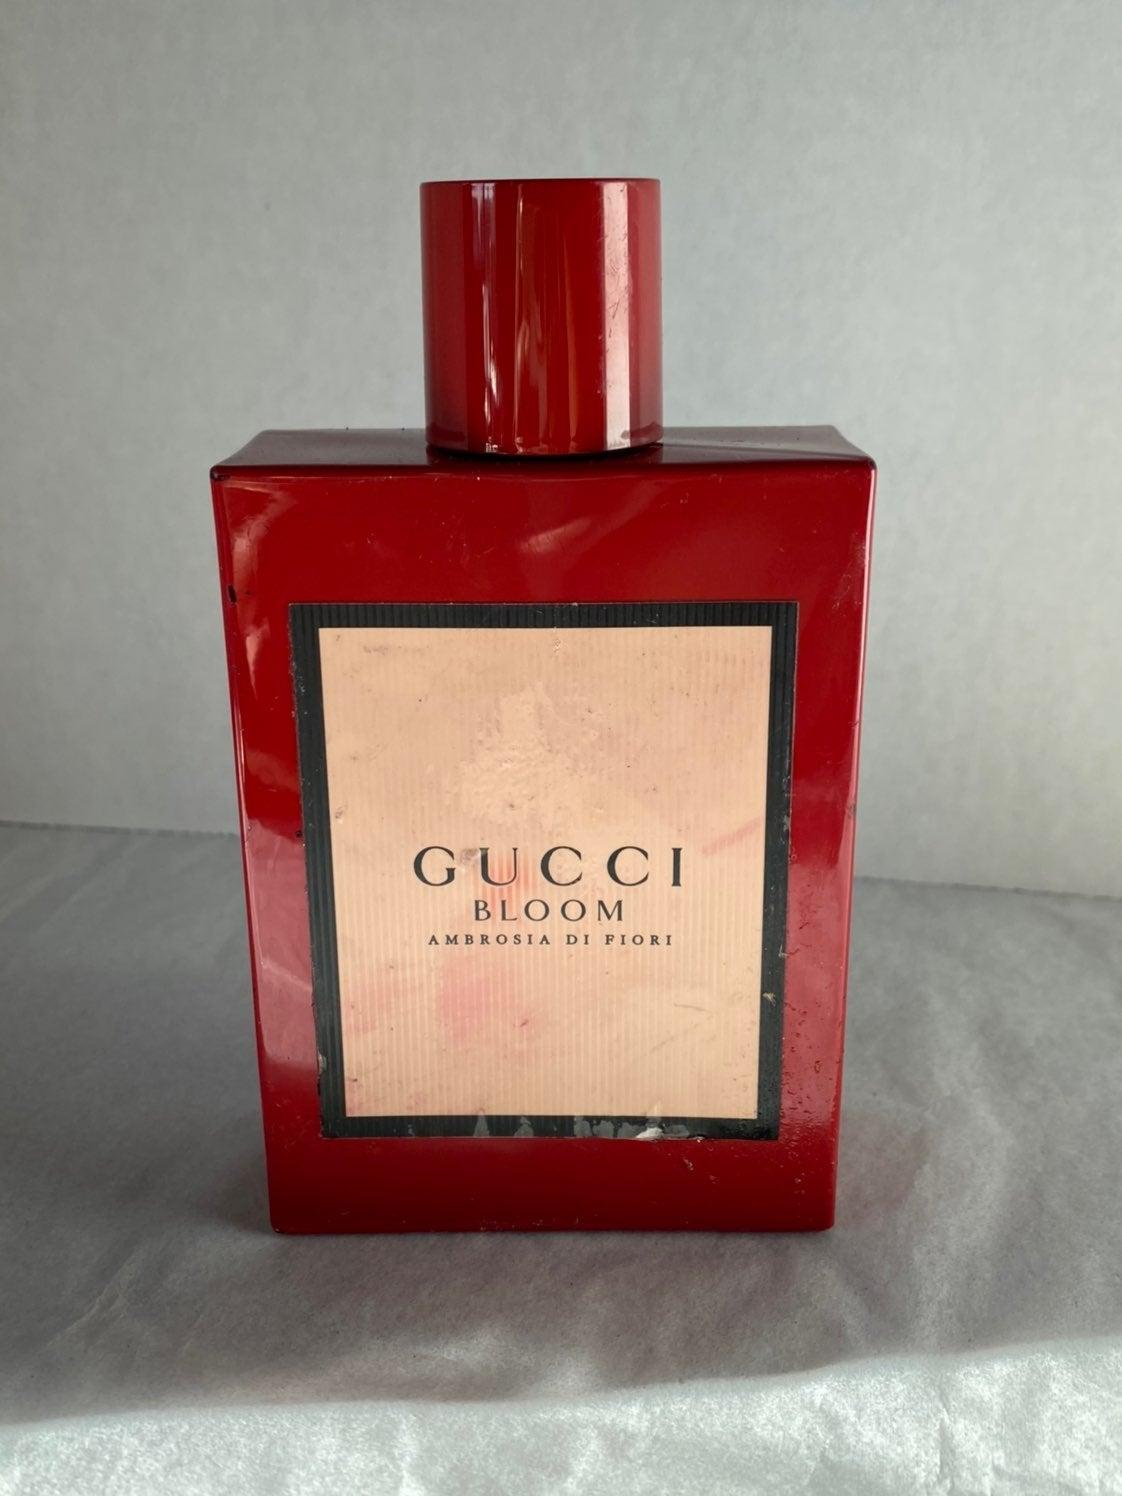 3.3oz Gucci Bloom Ambrosia di Fiori